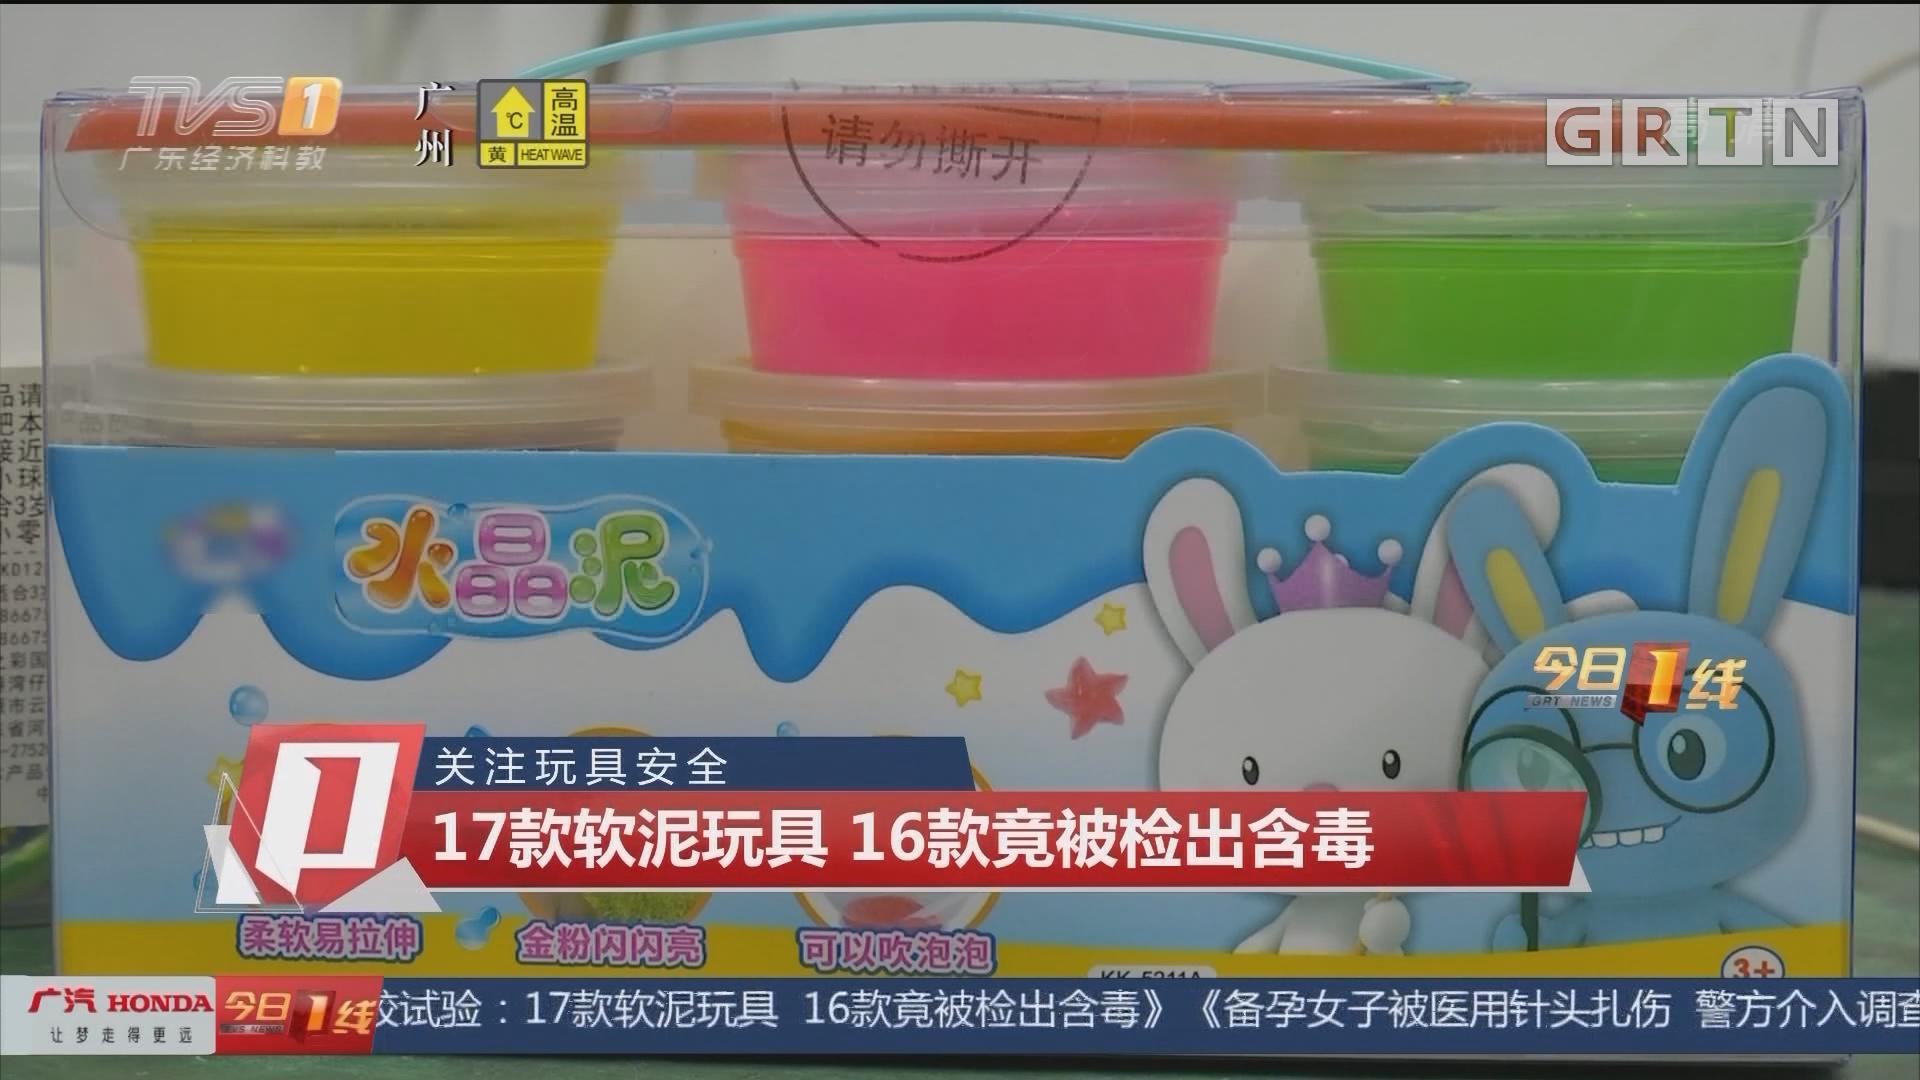 关注玩具安全:17款软泥玩具 16款竟被检出含毒